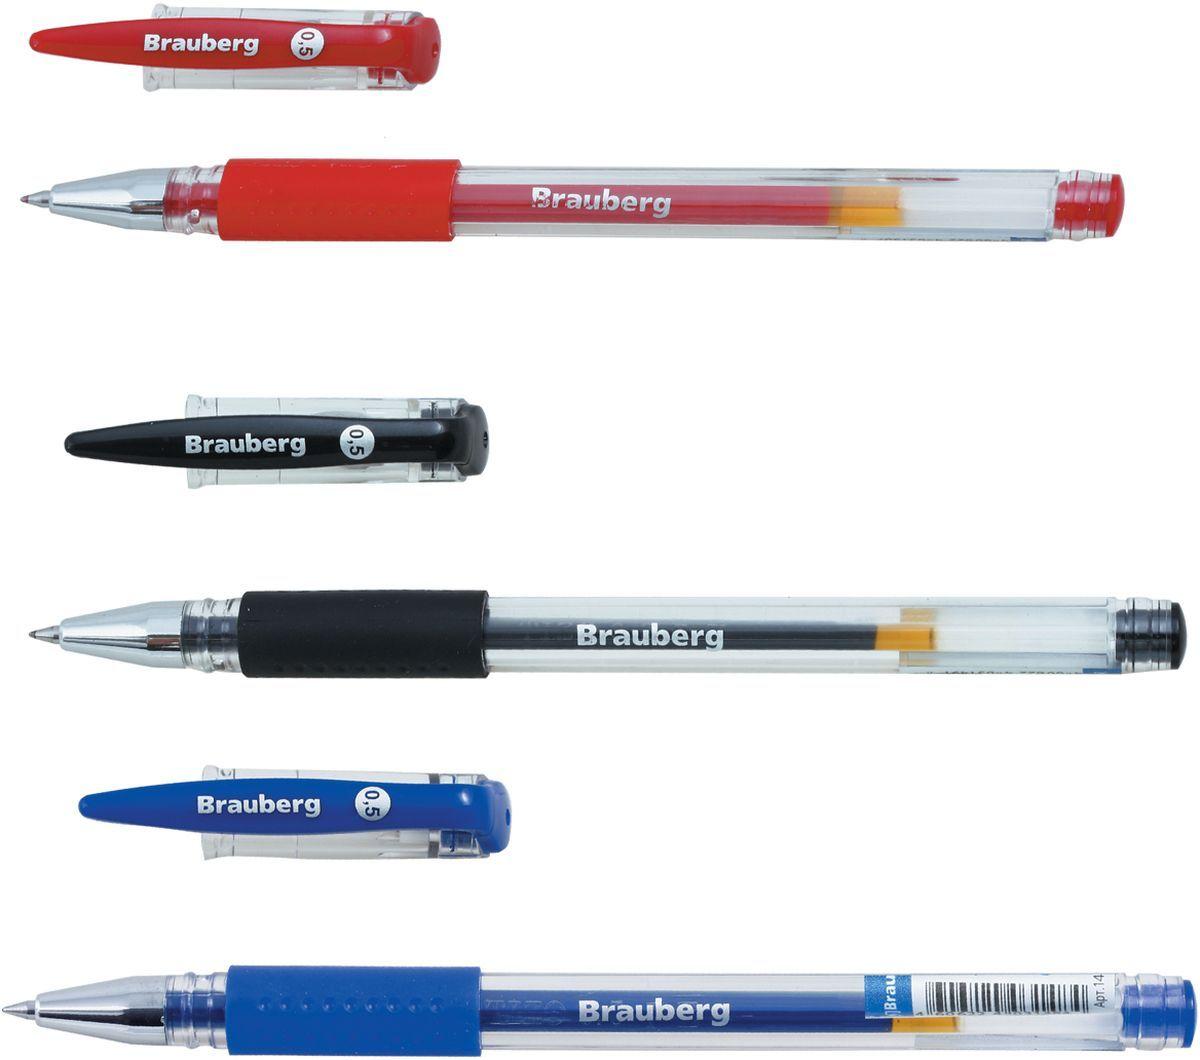 Brauberg Набор гелевых ручек Number One 3 шт141305Набор Brauberg Number One включает в себя 3 гелевые ручки с колпачком и резиновым упором для удобства письма. Цвет деталей соответствует цвету чернил.